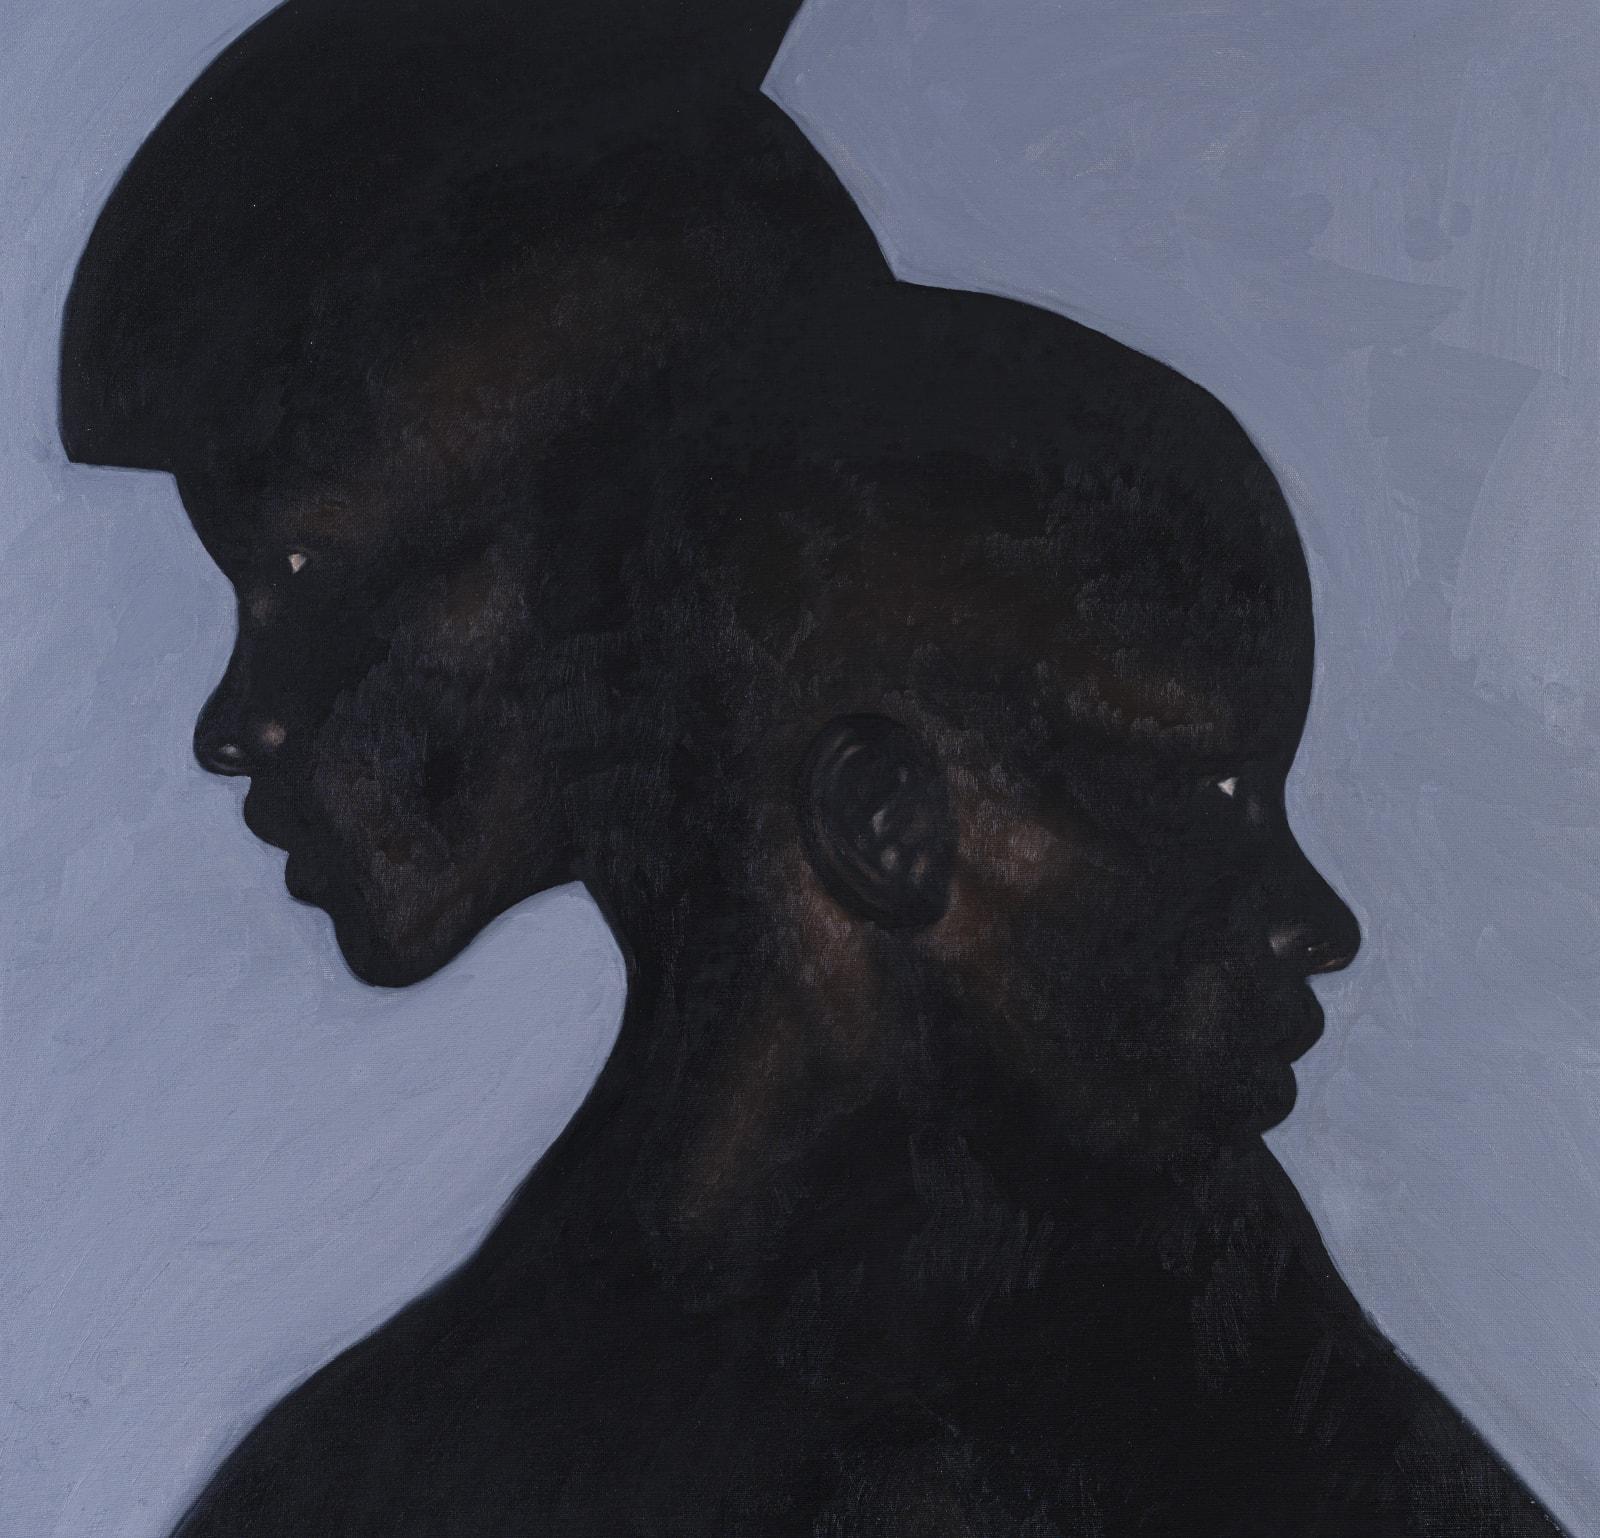 Gustavo Nazareno, Dois Lados (Two Sides), 2021